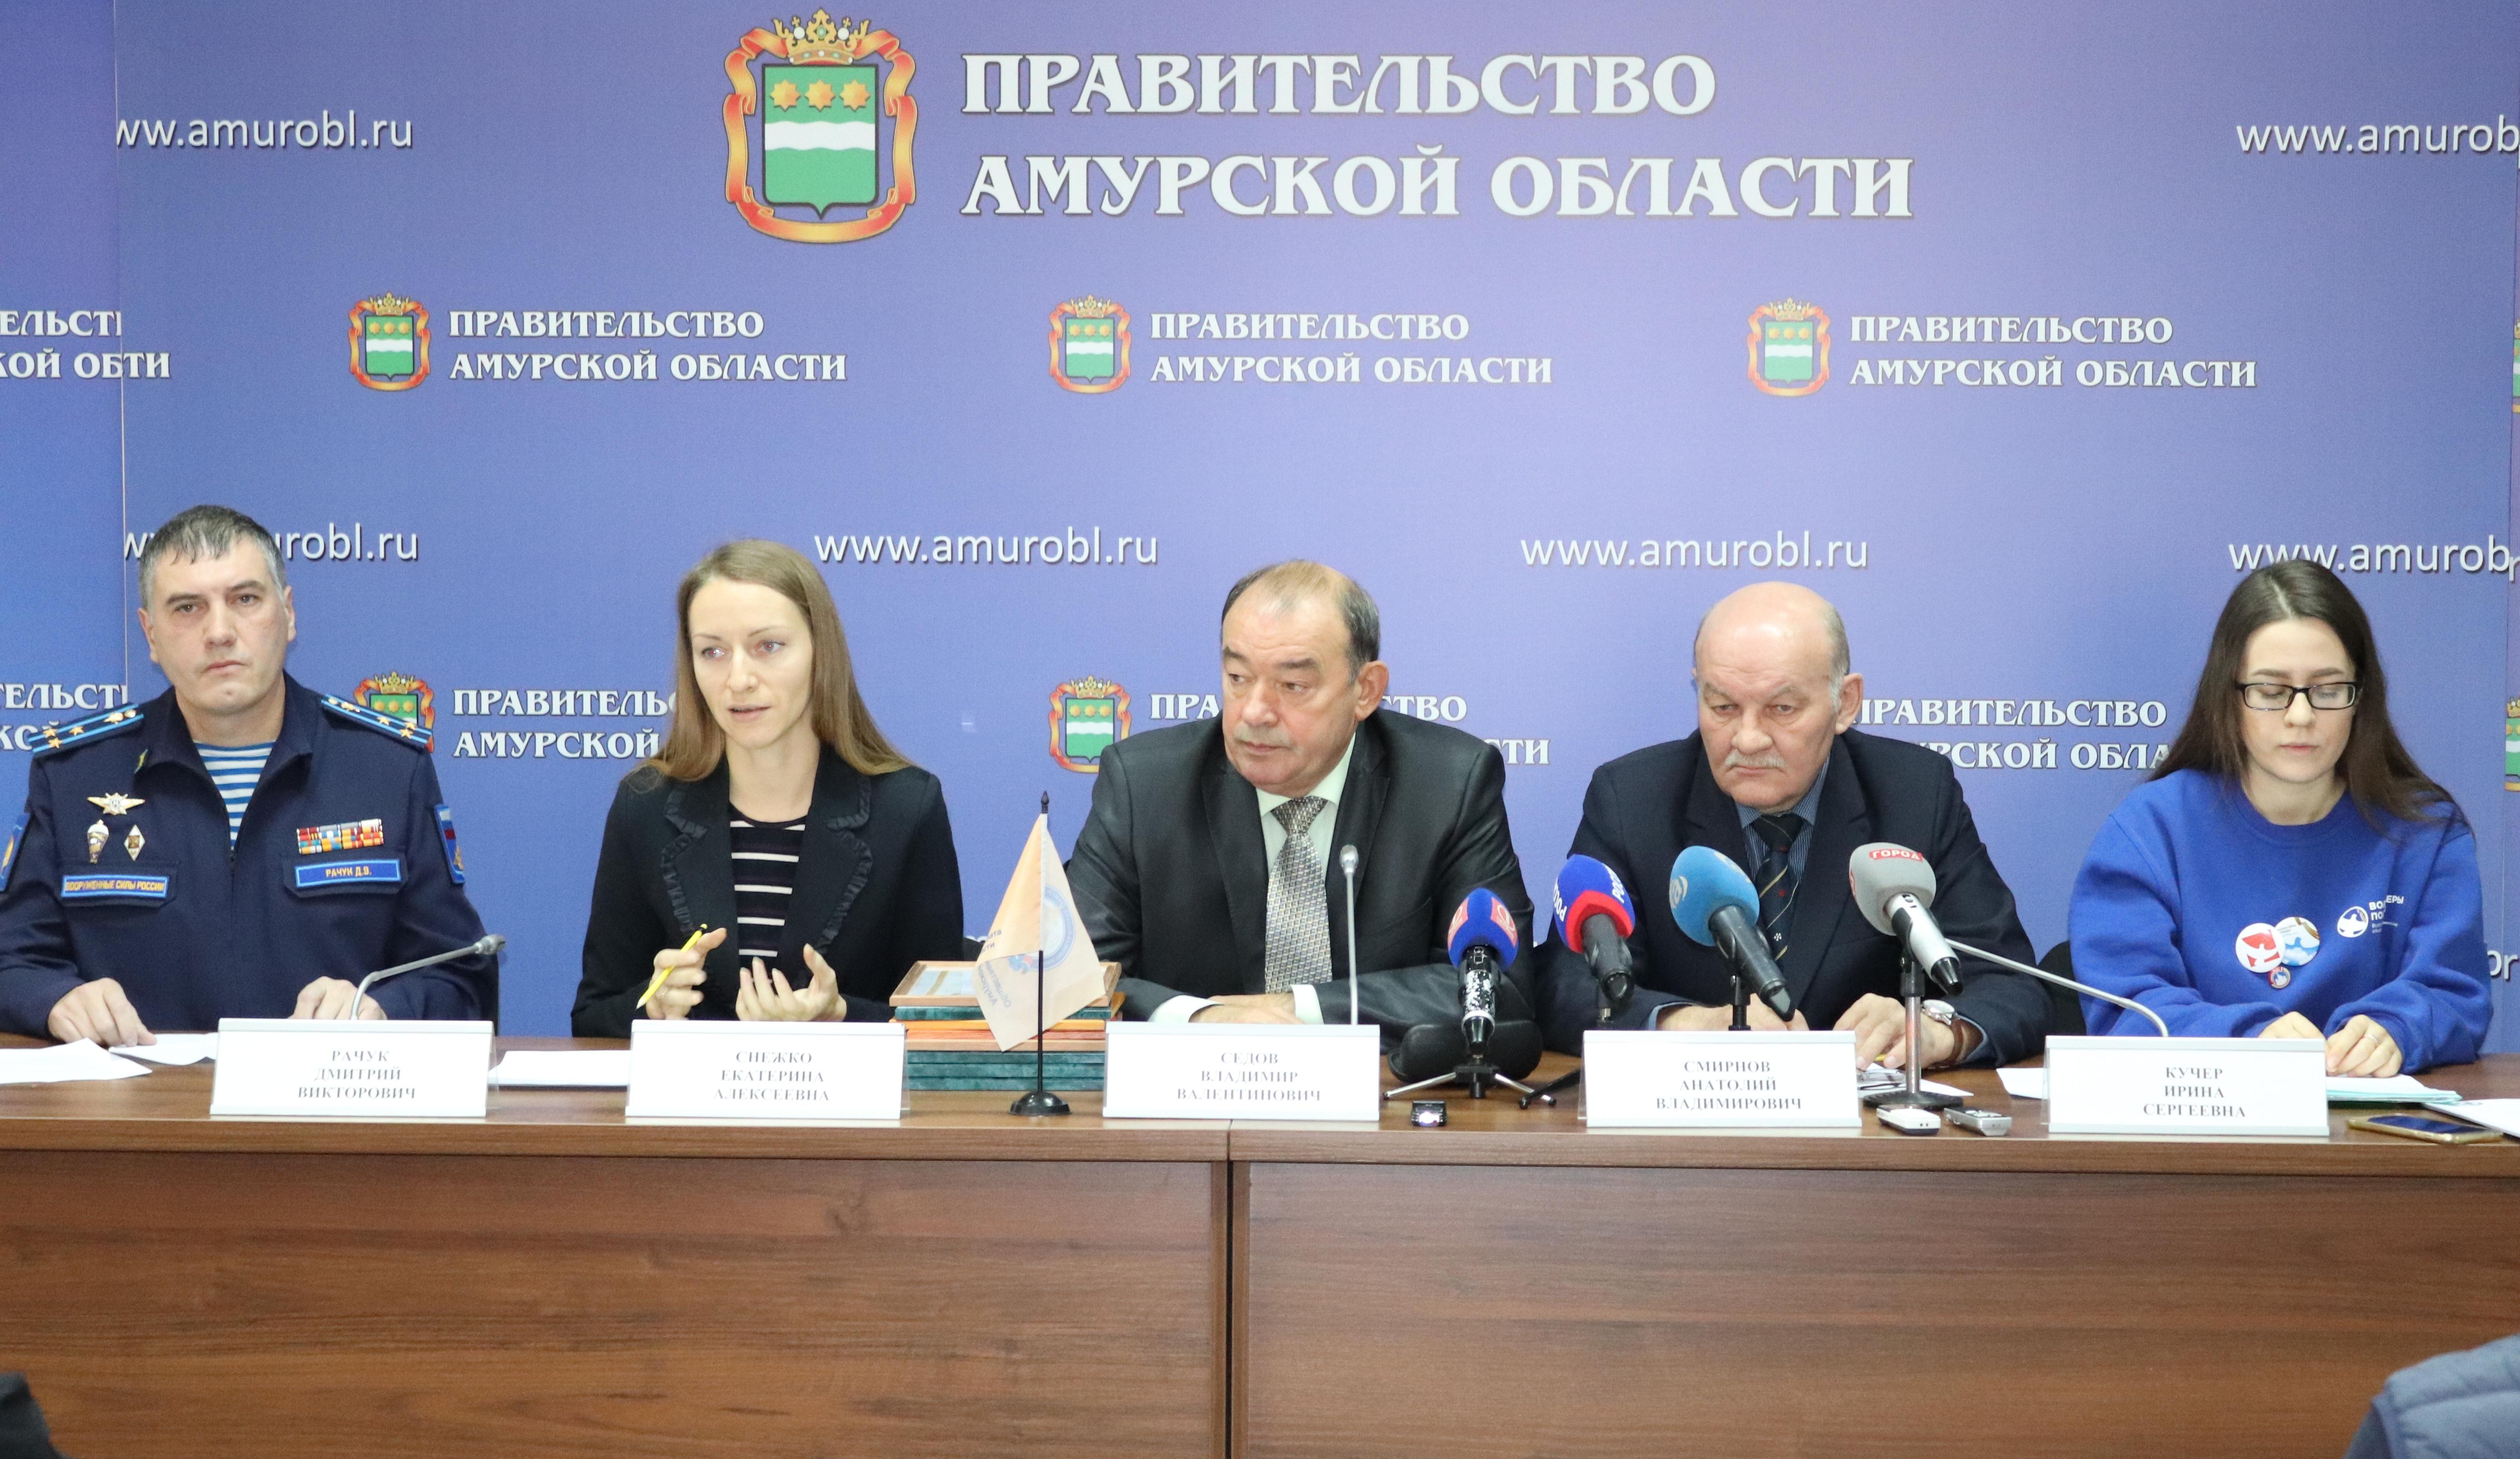 Подведены итоги общенационального конкурса «Великие имена России»